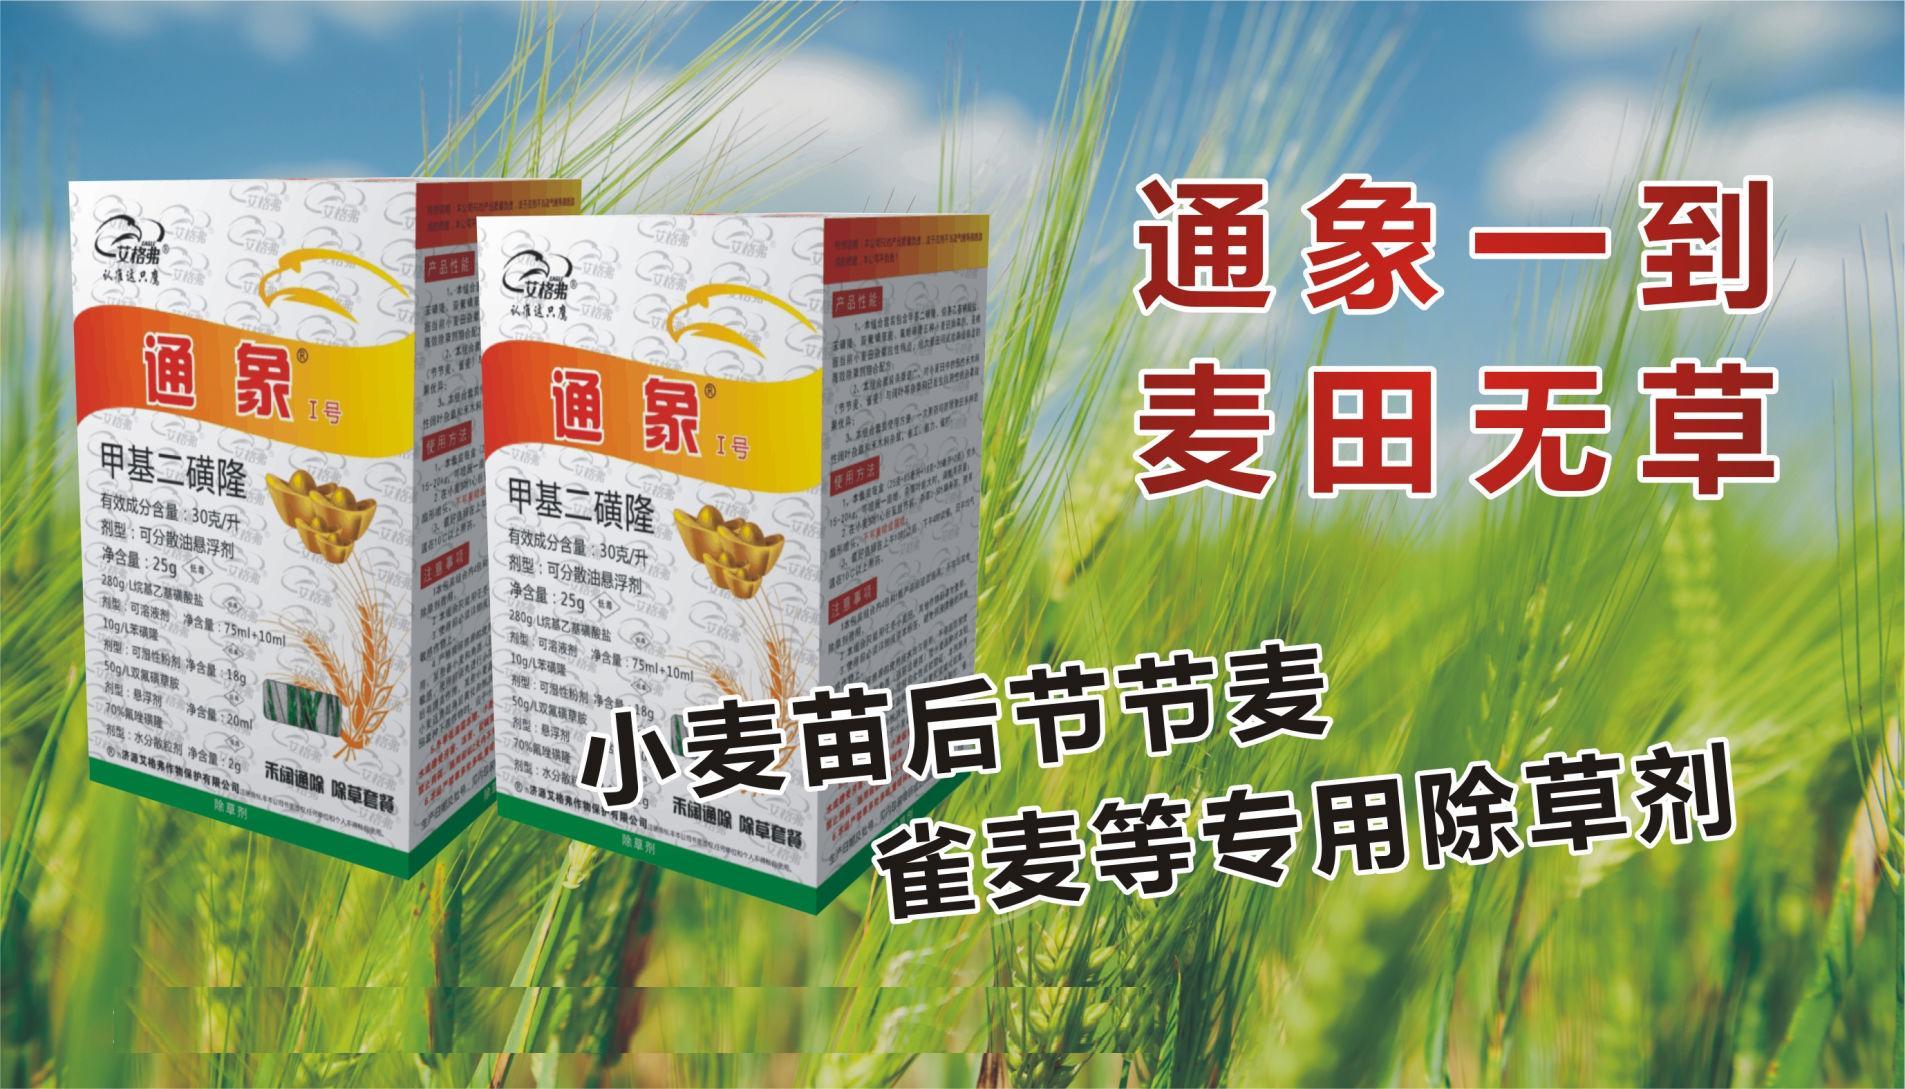 小麦田苗后专用除草剂批发价格